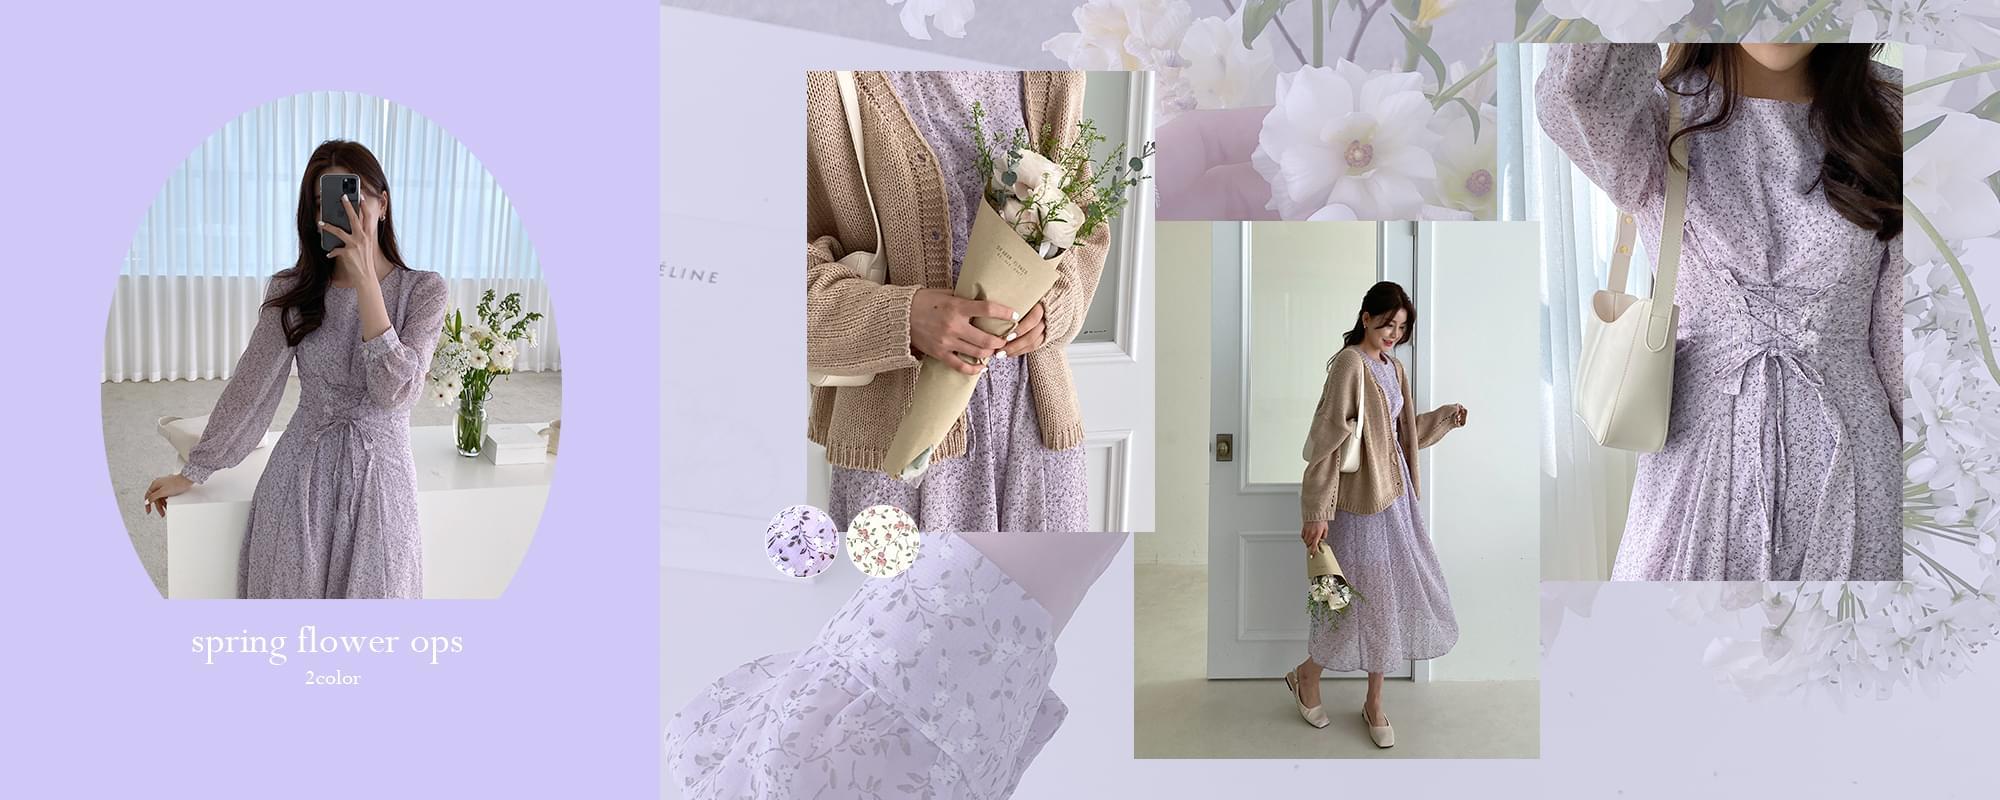 Blossom Flower Corset Dress -2color